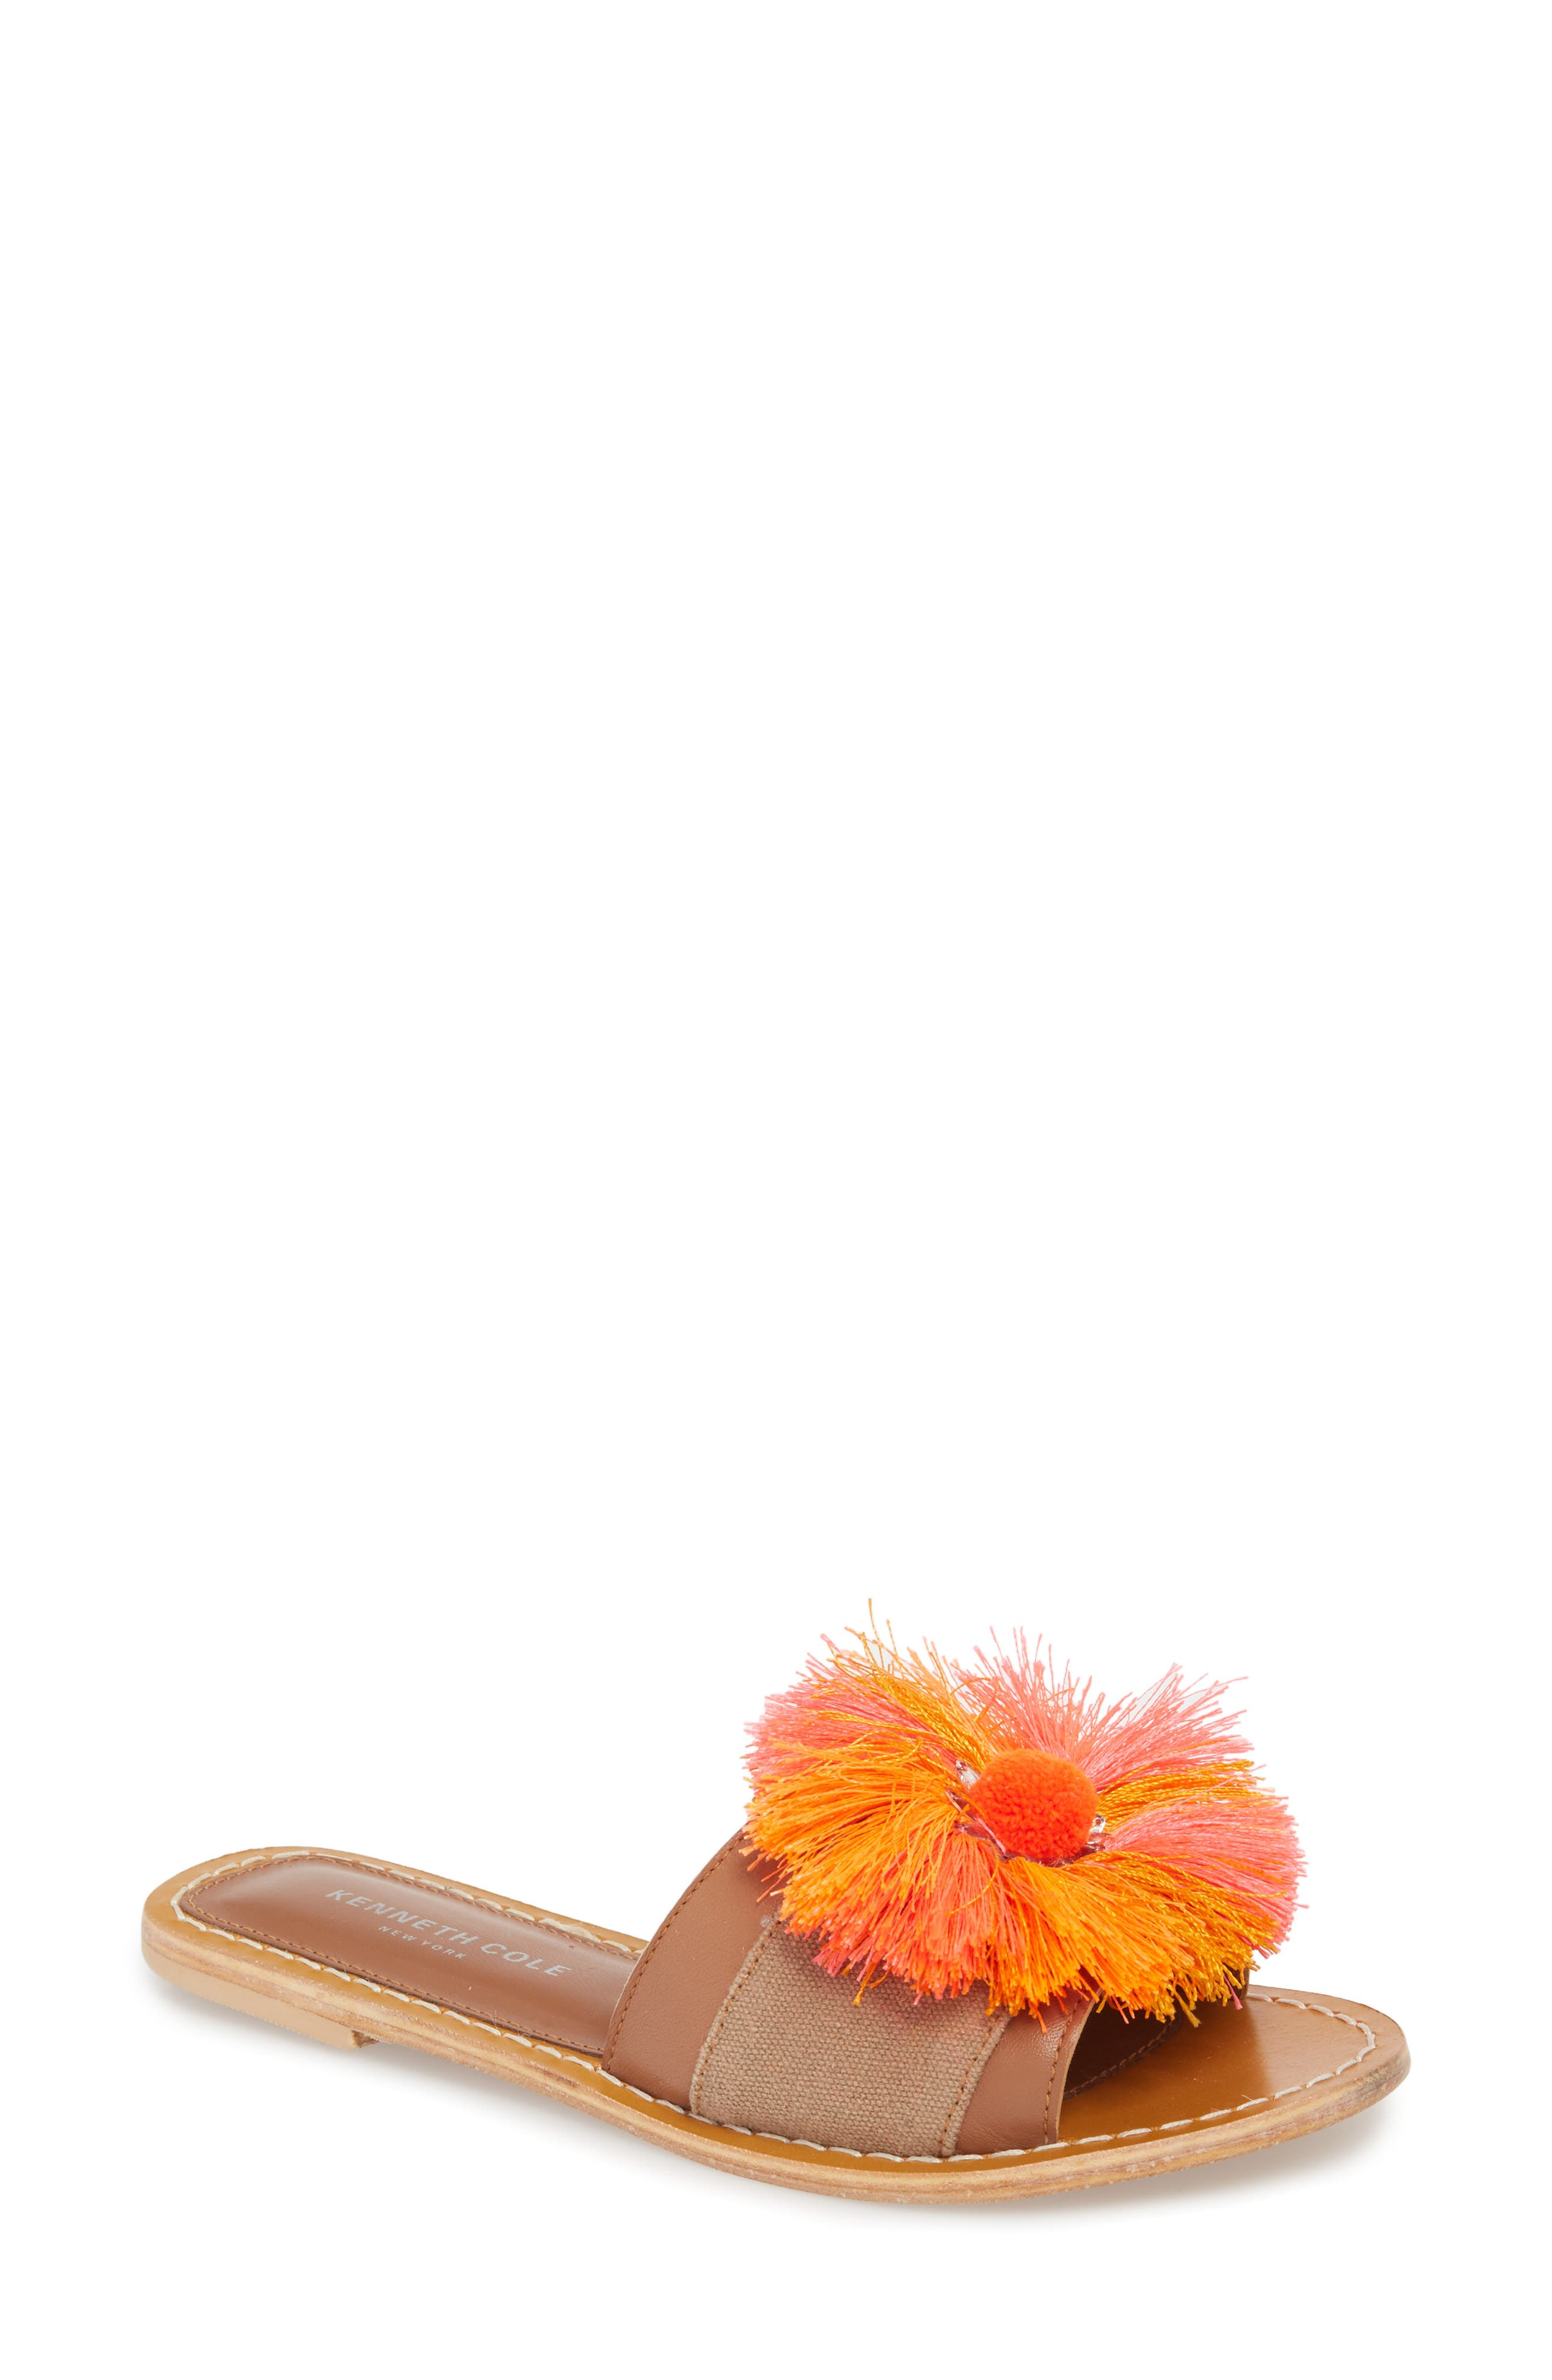 Orton Slide Sandal,                             Main thumbnail 1, color,                             Orange Multi Fabric